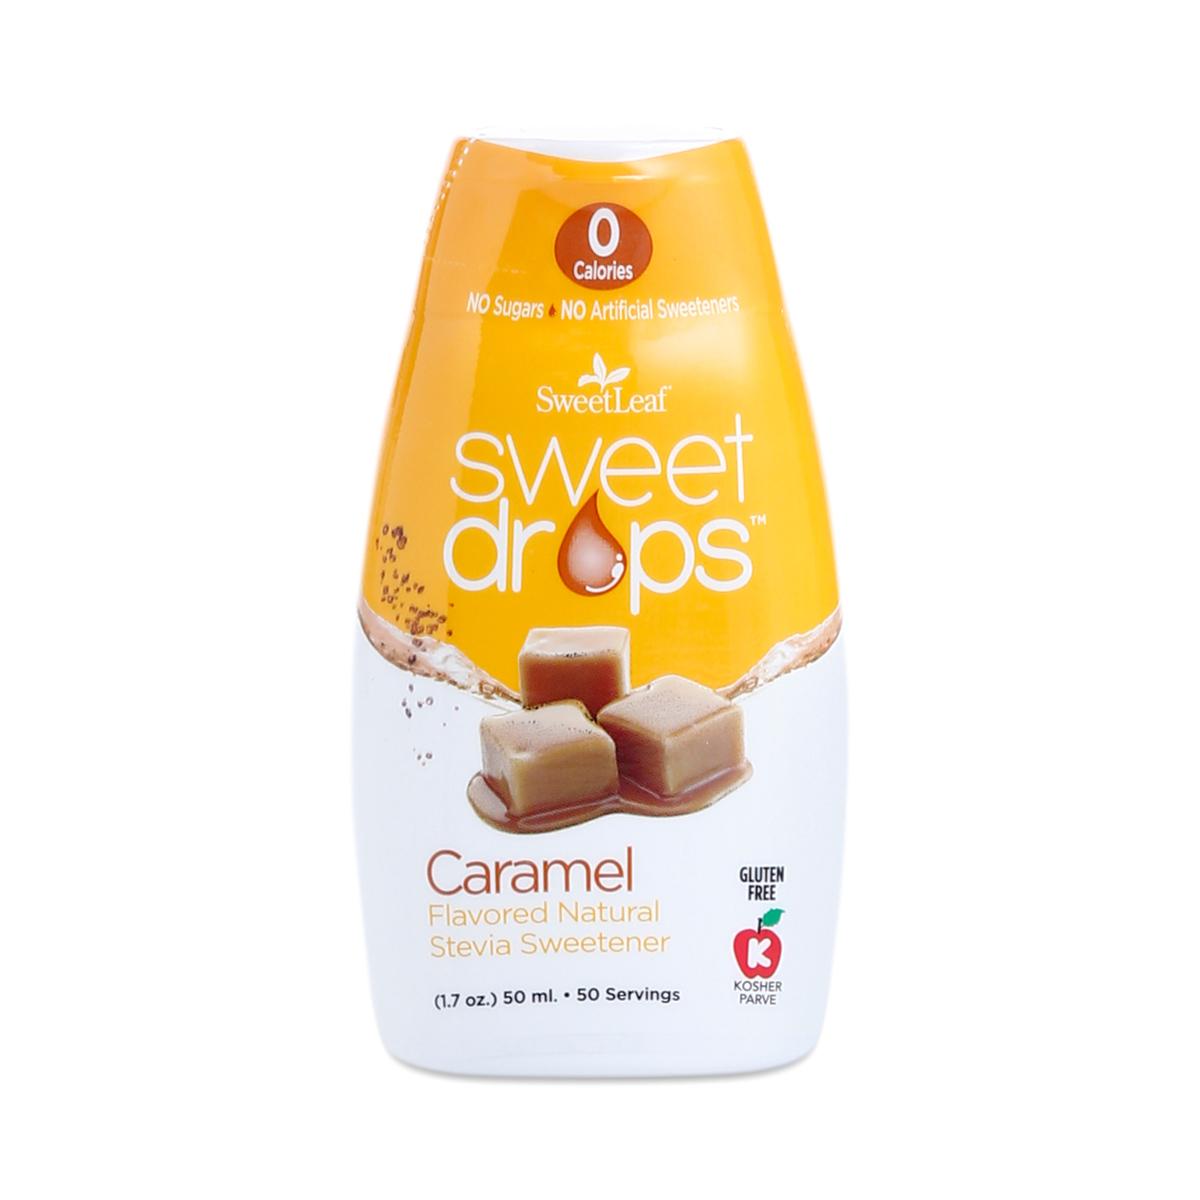 Sweet Drops Caramel